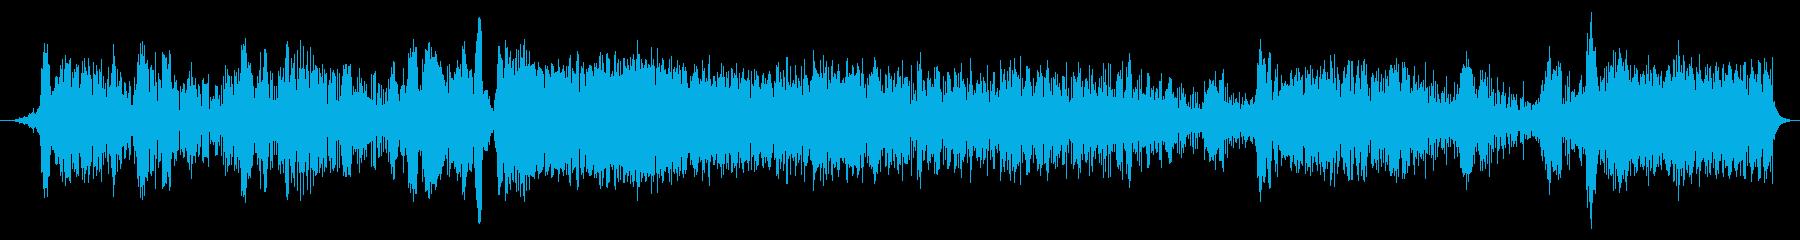 Pro Dragster:オンボー...の再生済みの波形